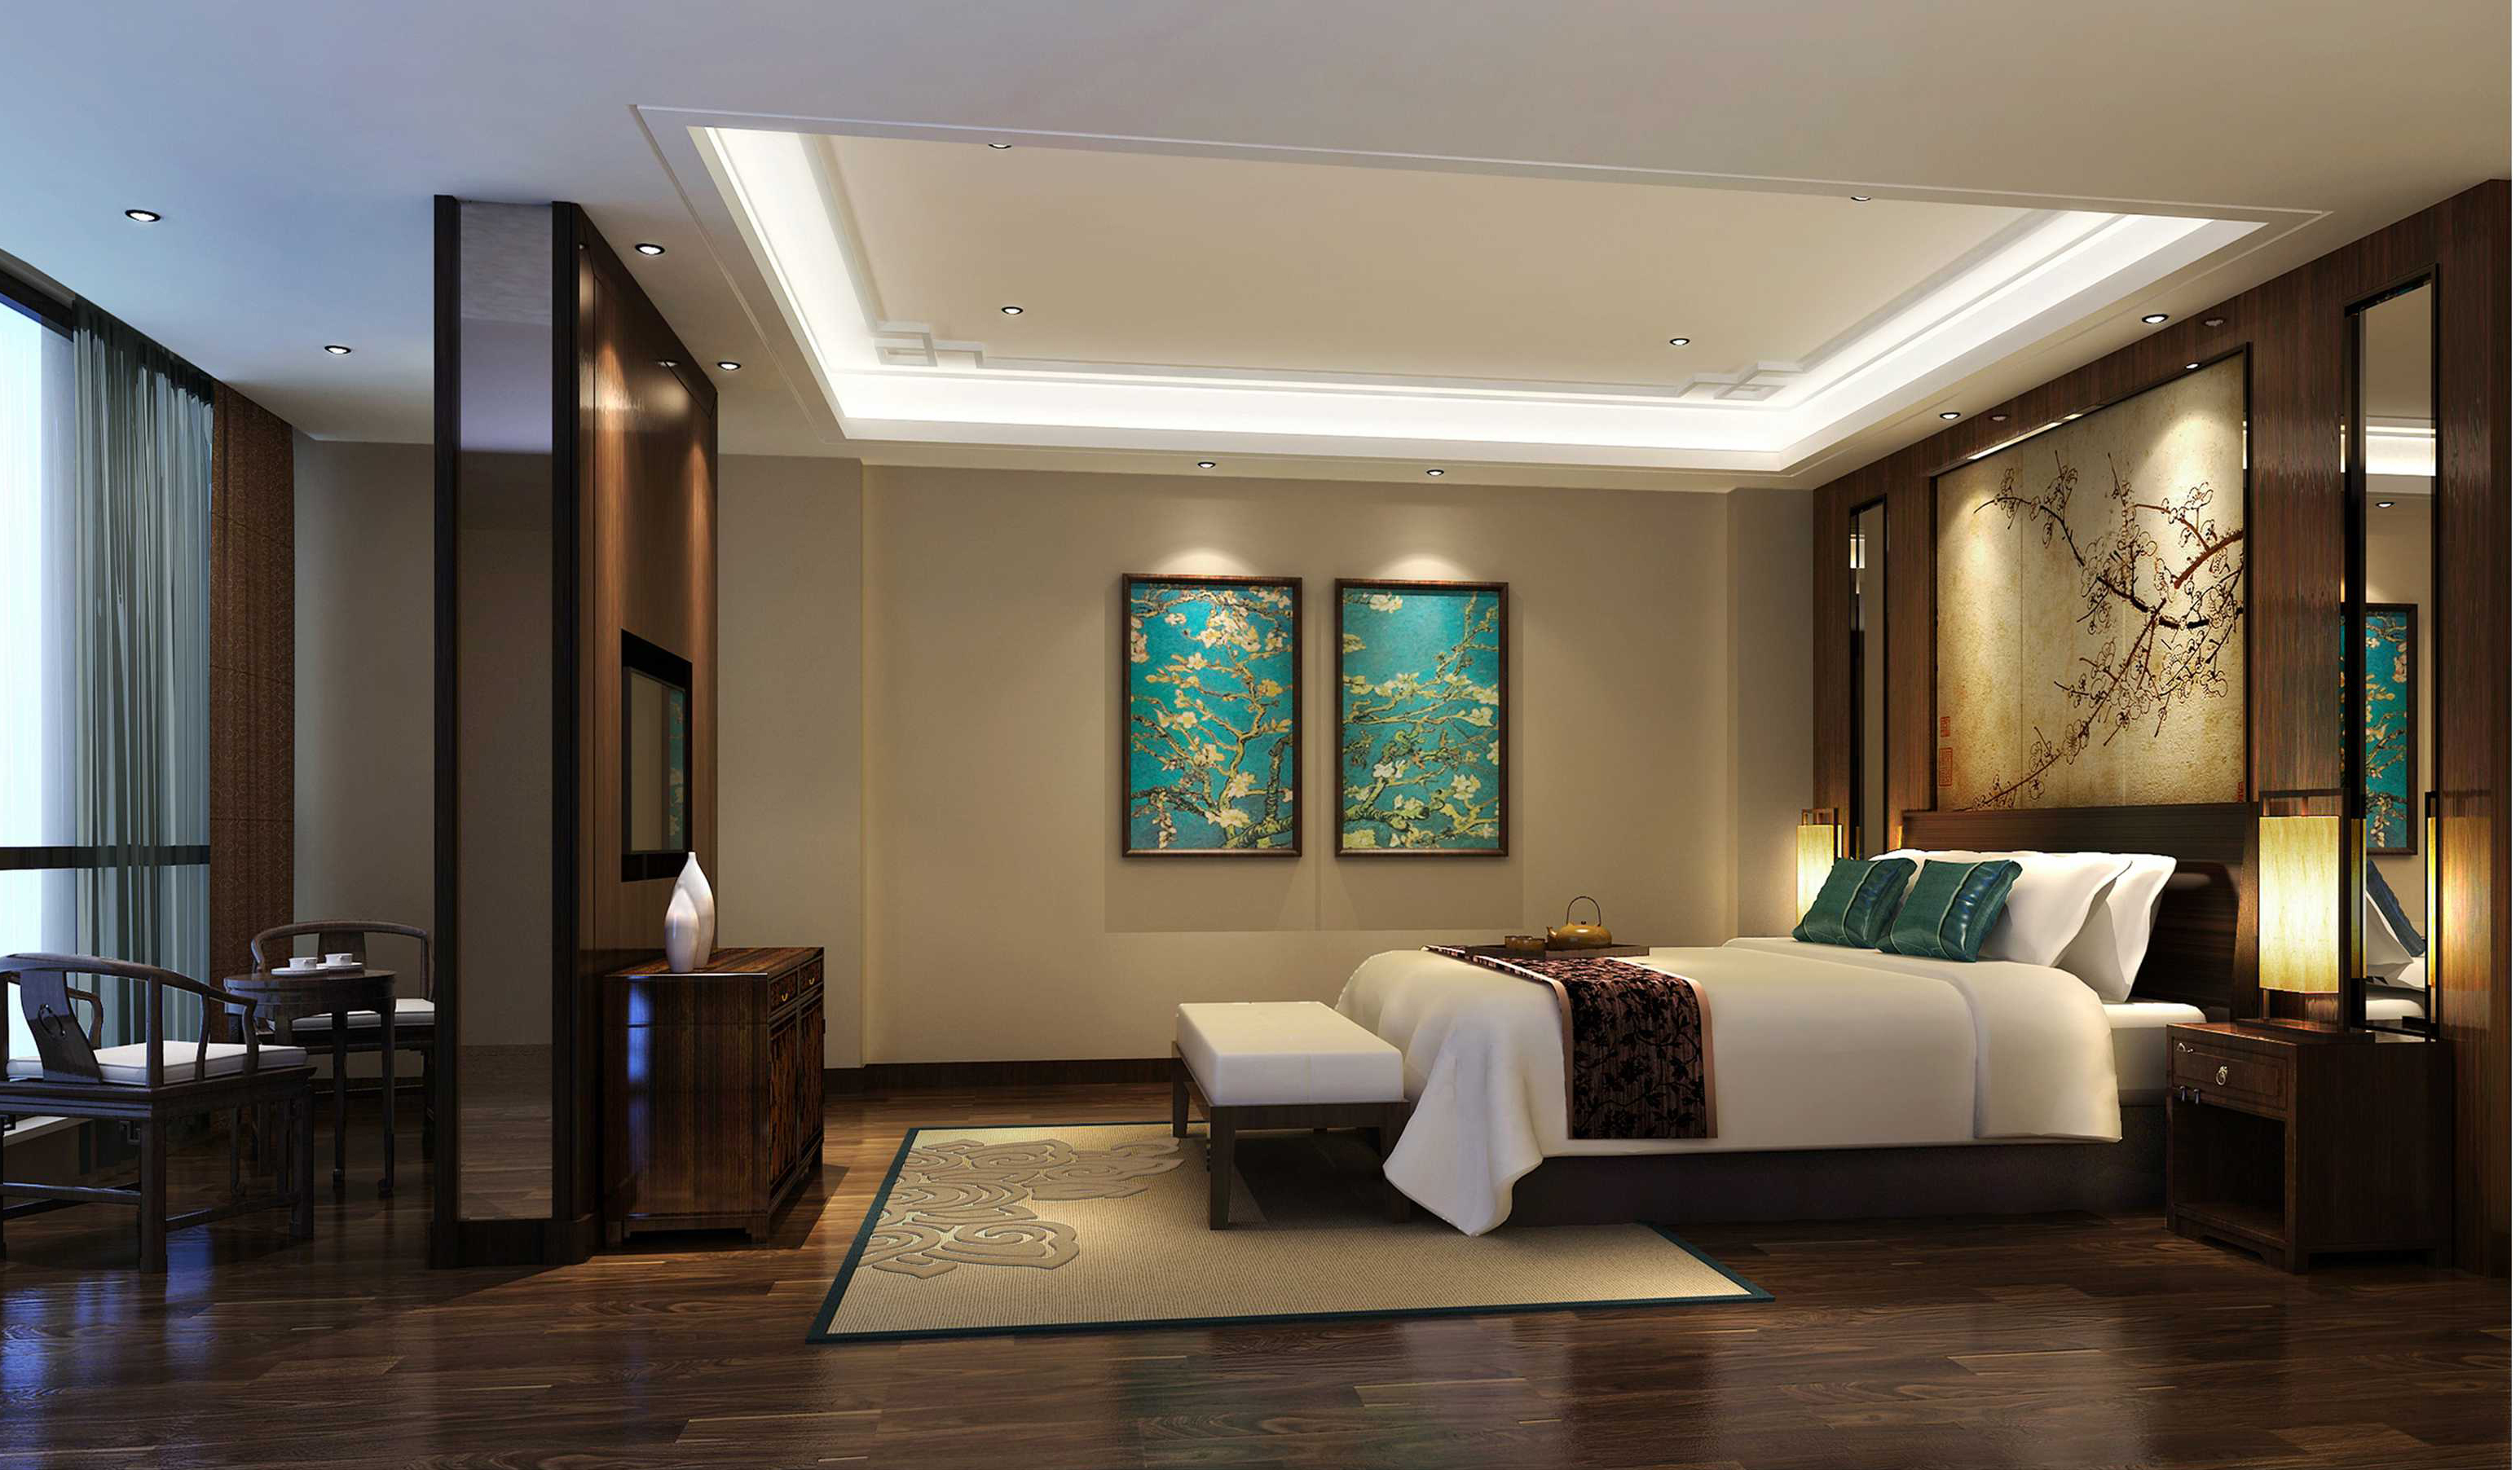 中式 成都装修 中式风格 成都装修公 跃层装修 复式装修 卧室图片来自四川百合居装饰集团在中式风格的分享